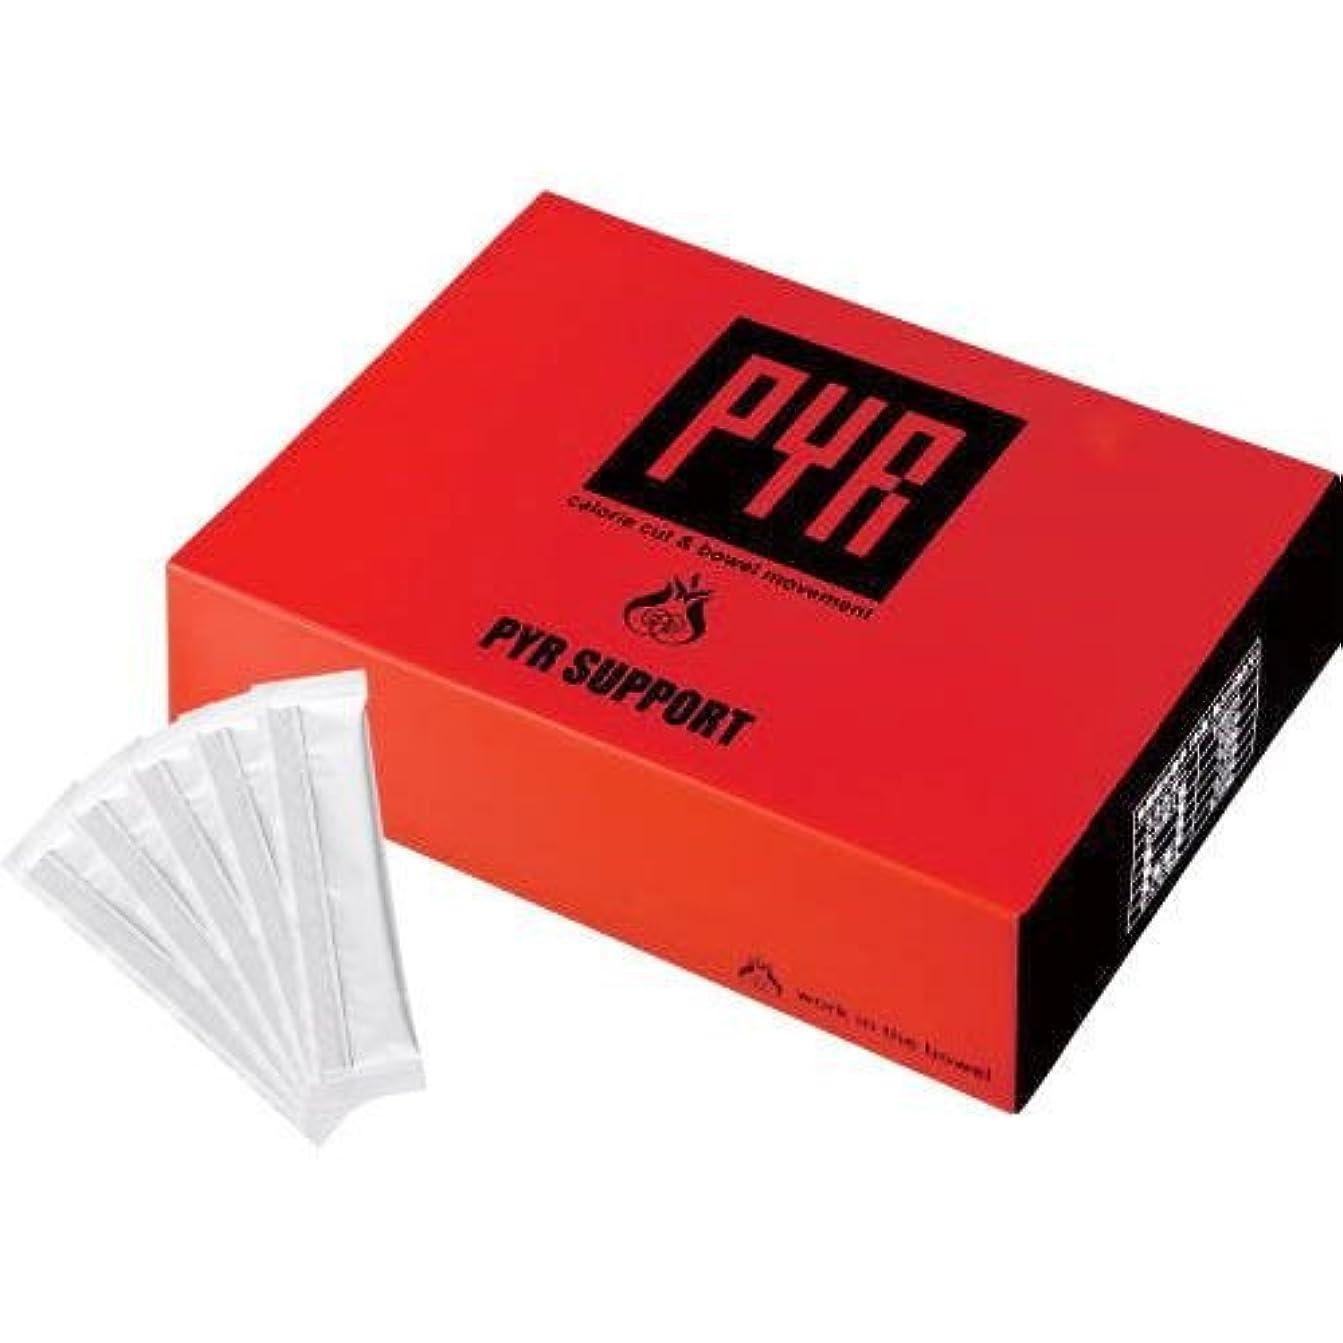 性別枕効果的パイラ(PYR) パイラサポート (PYR SUPPORT) 300mL(5mL×60包)×3個セット ダイエットサプリメント